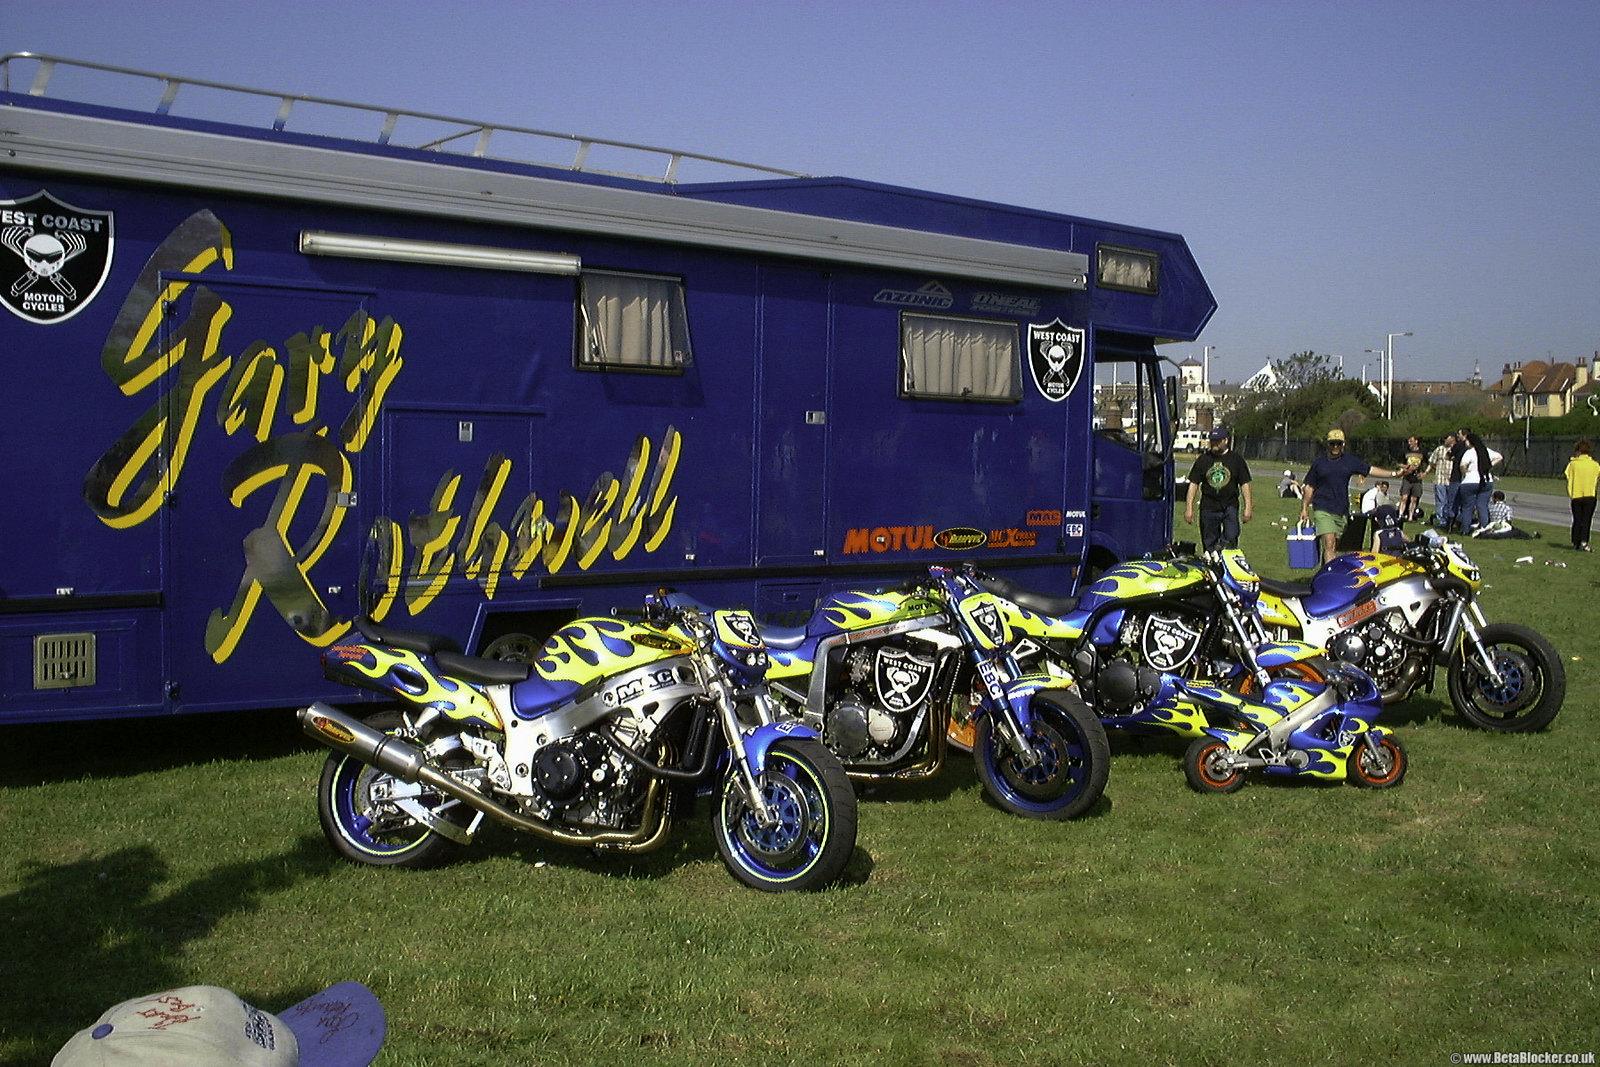 Gary and Joan Rothwell Southport motorcycle line up, Suzuki Hayabusa GSX1300R , Suzuki GSXR1100, Suzuki GSF1200, Pocket Bike, Suzuki GSX1300R Turbo